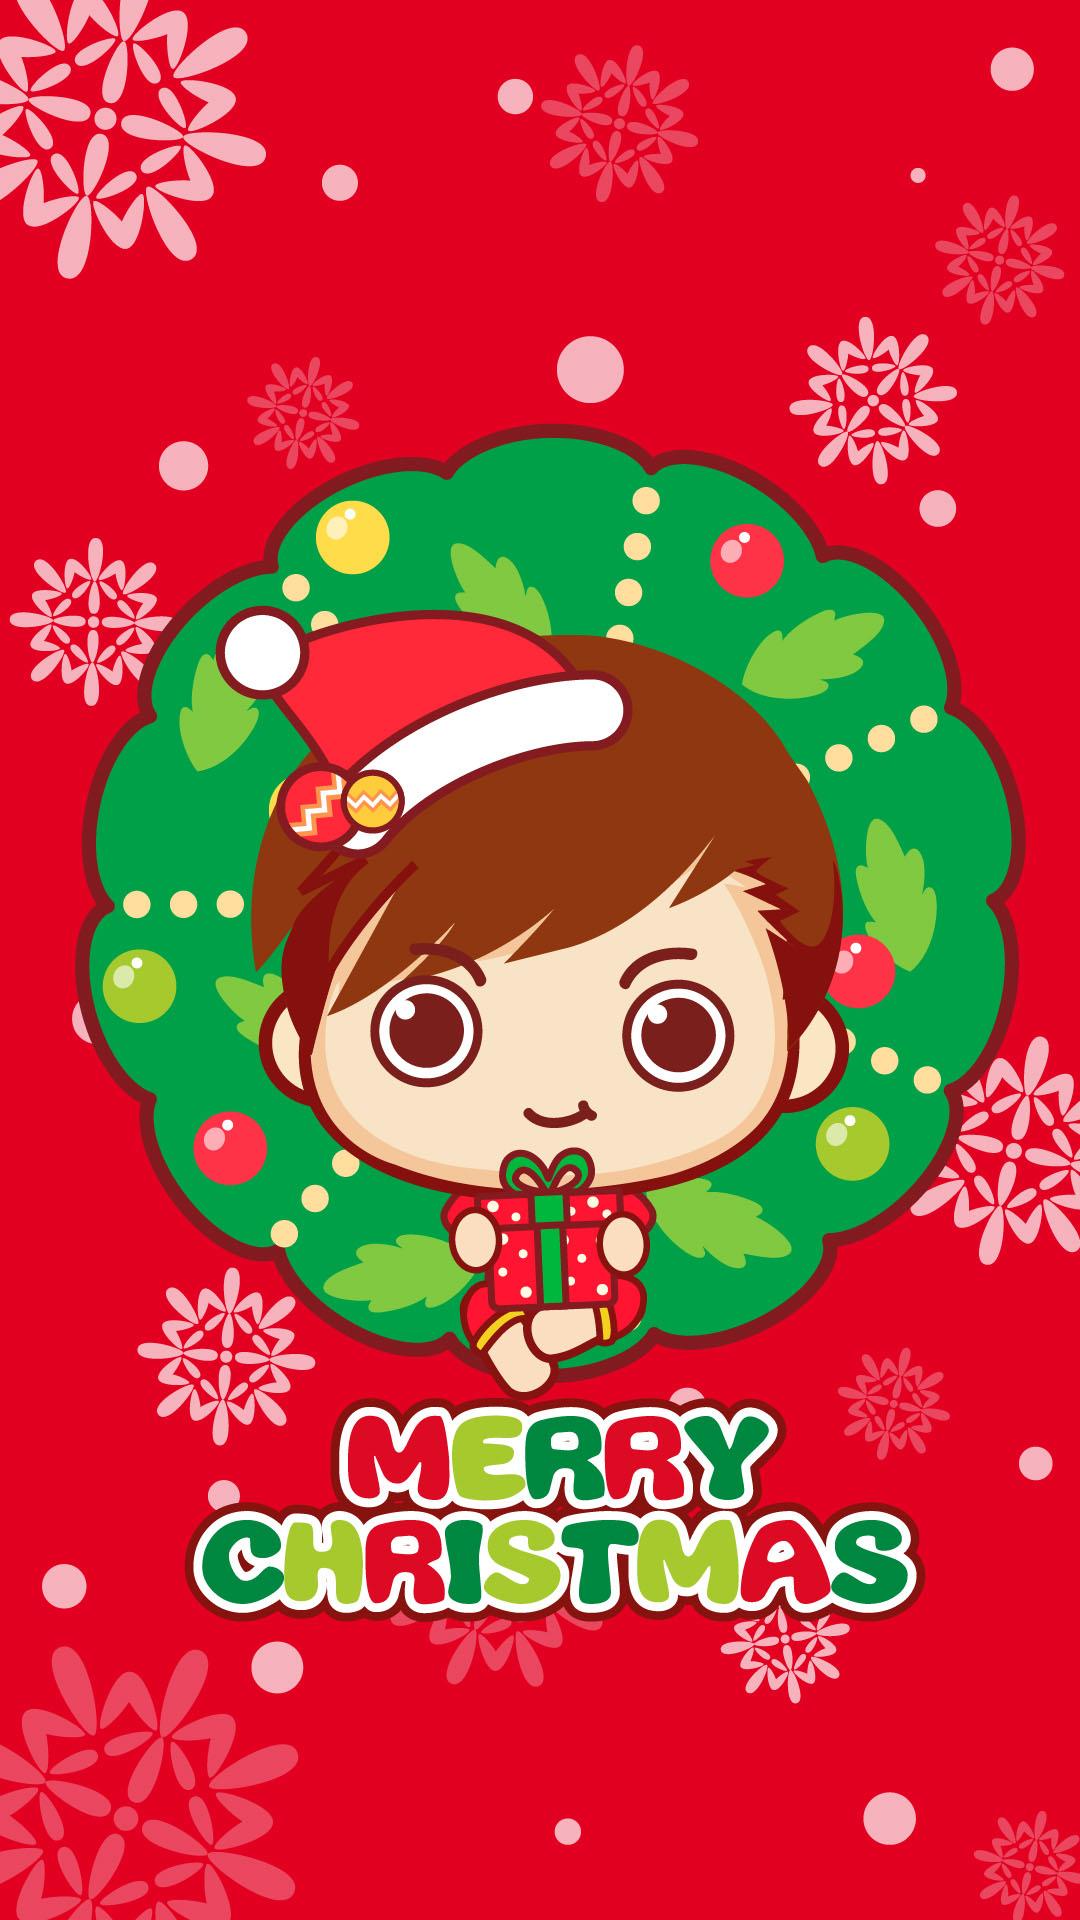 摩丝摩丝甜蜜圣诞